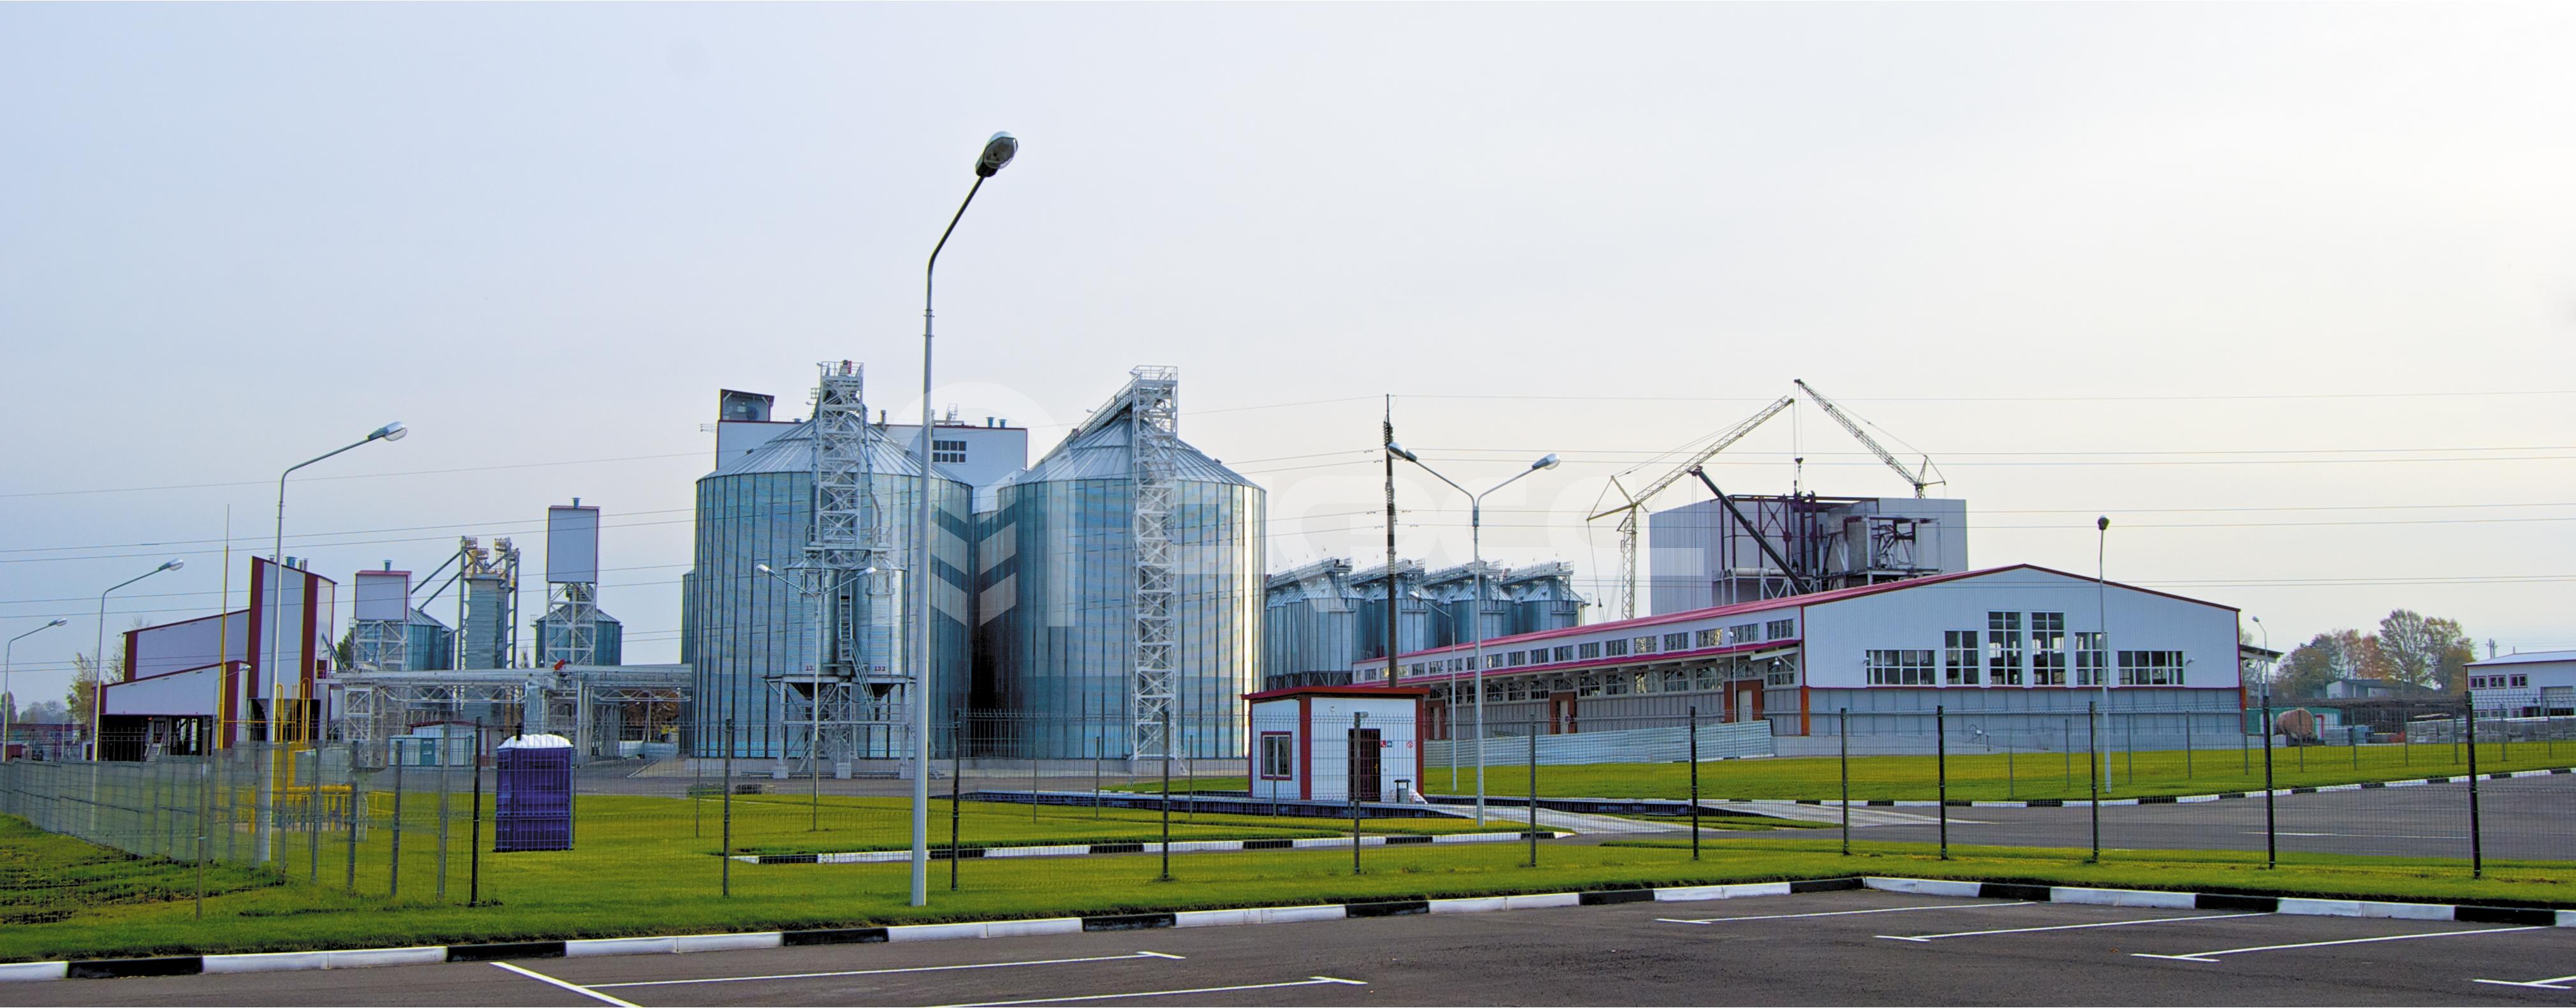 Оао прохоровский элеватор купить транспортер в липецке